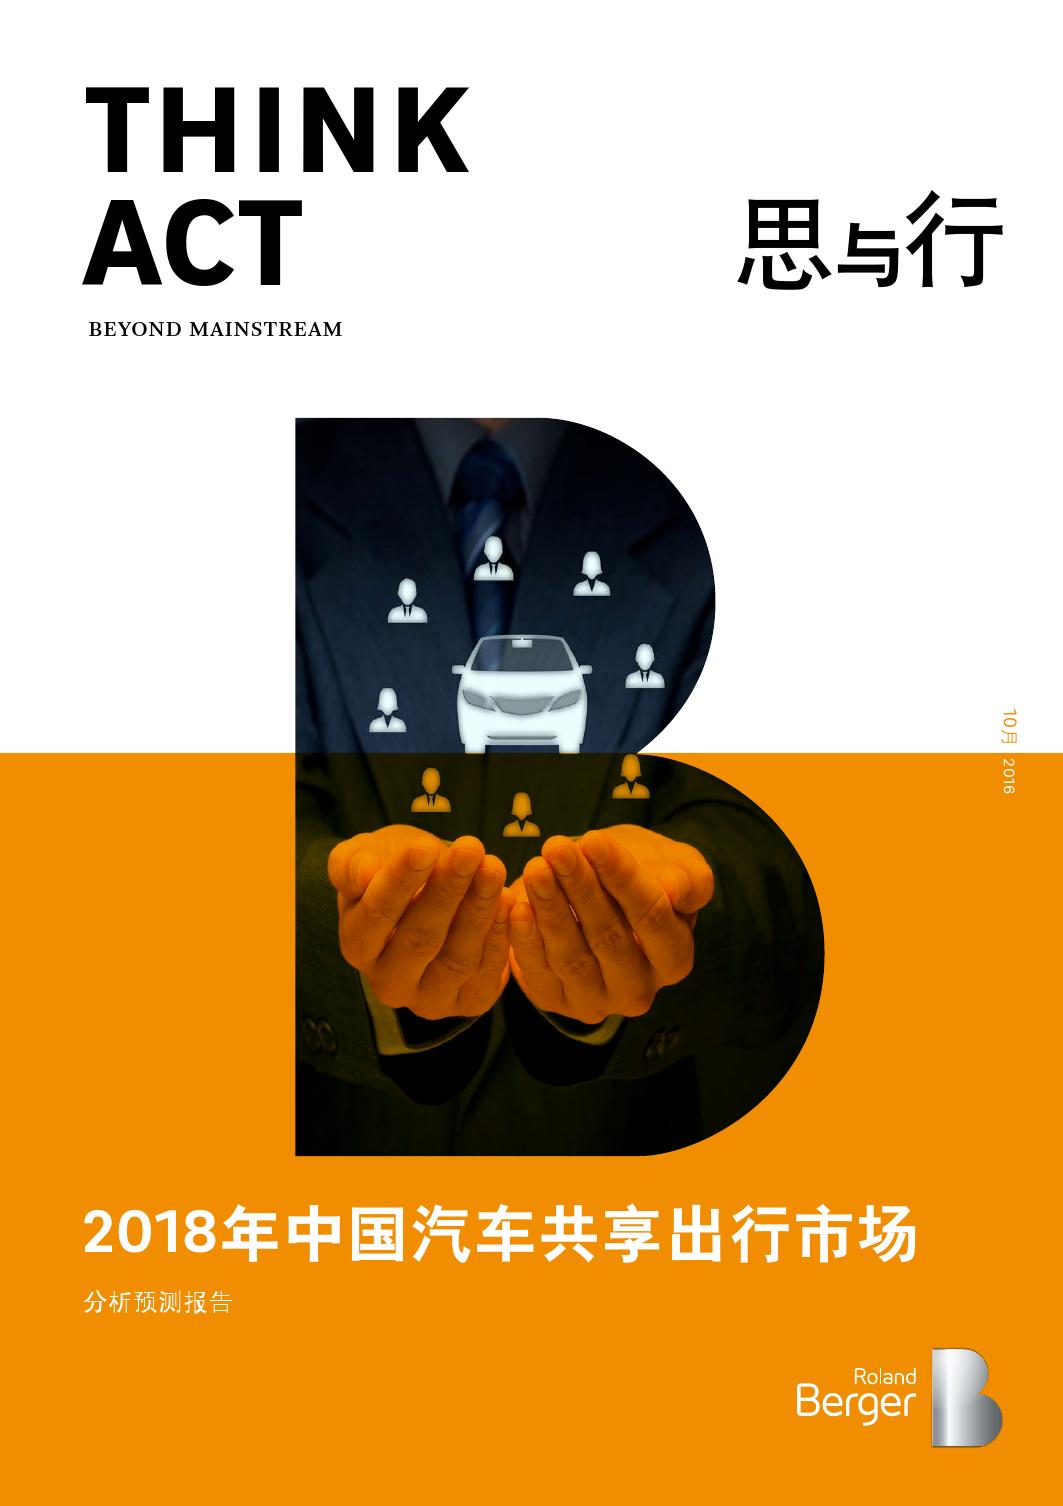 2018年中国汽车共享出行市场分析预测报告_000001